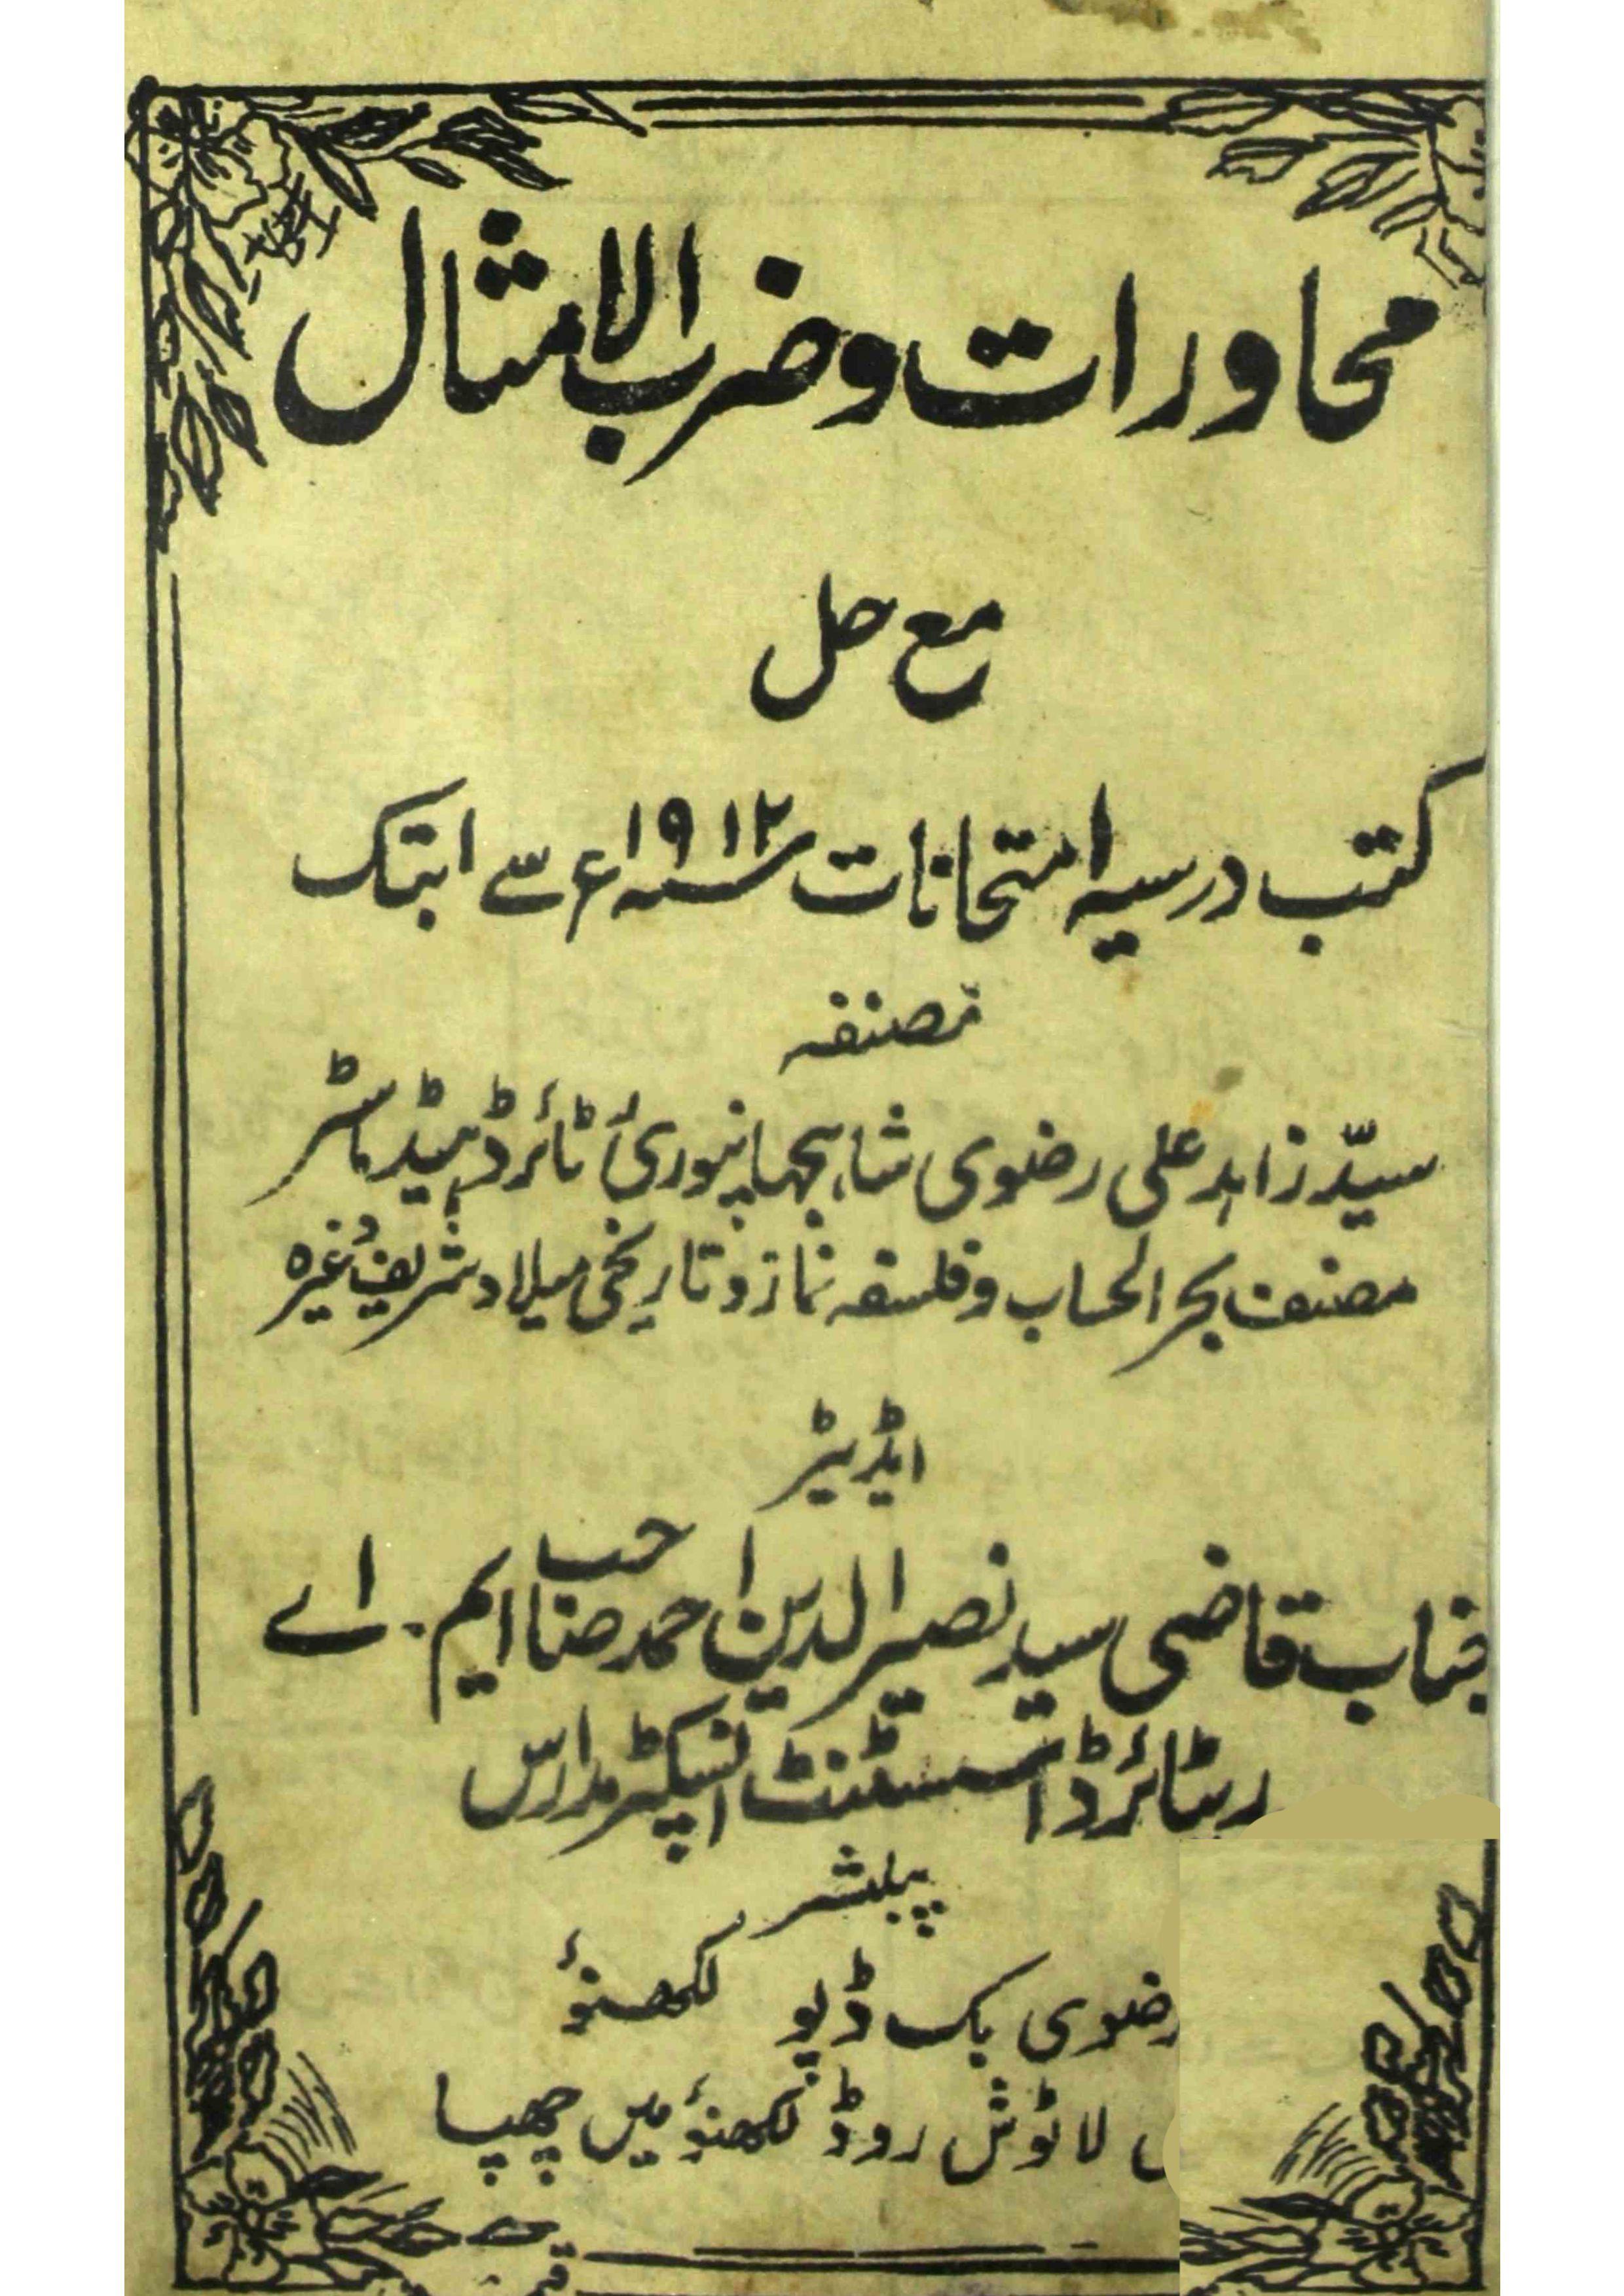 Muhawarat-o-Zarbul Amsal